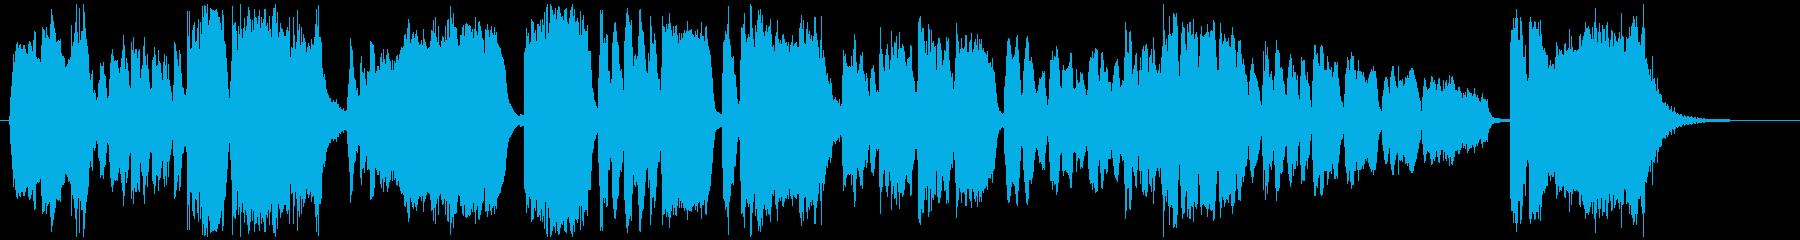 粋でイナセな和風ファンファーレ栄光の祭典の再生済みの波形